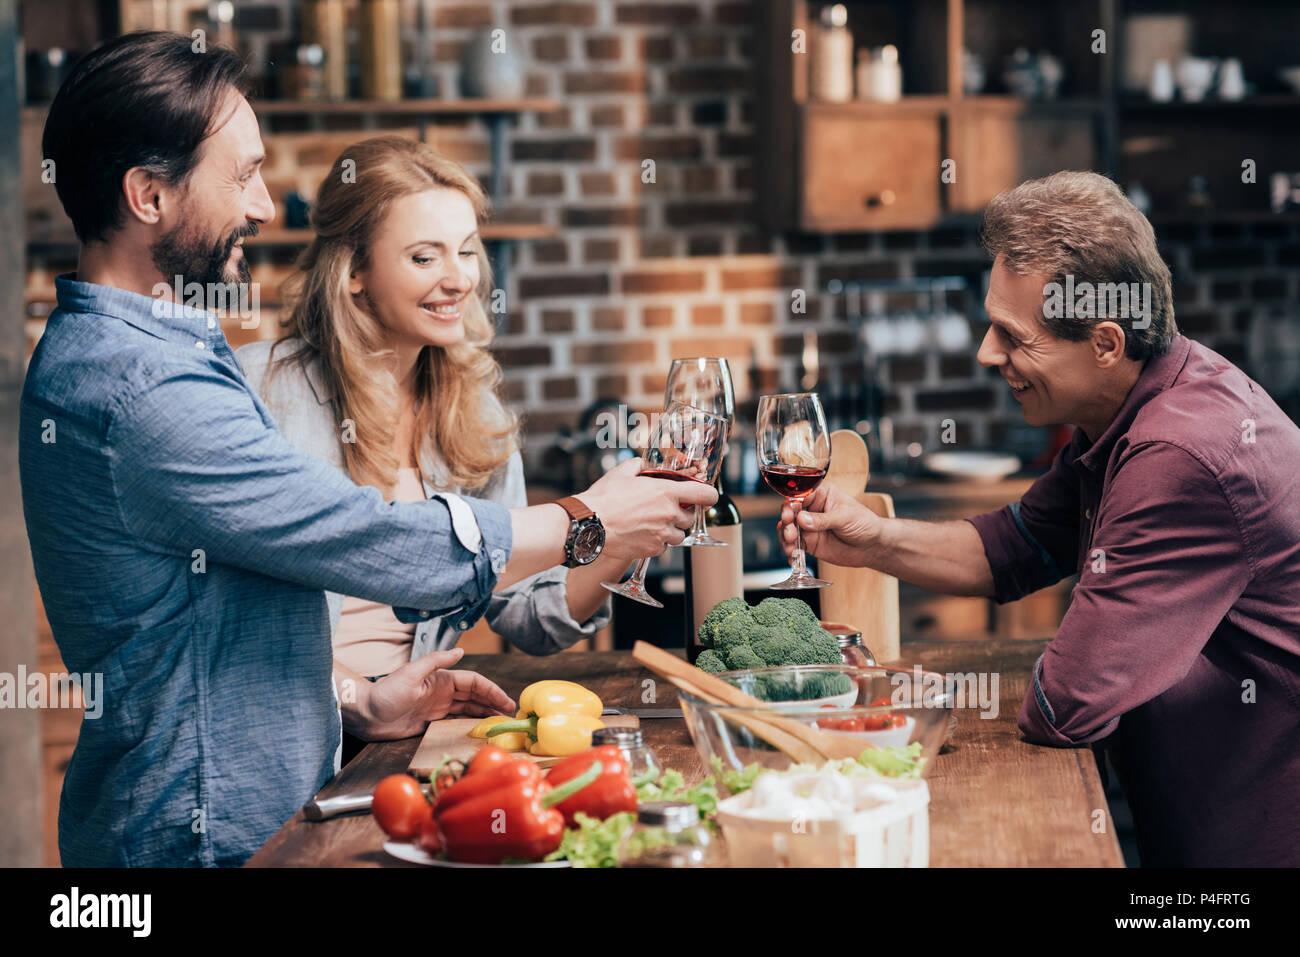 Lächelnd kaukasischen Freunde trinken Wein beim Kochen Abendessen Stockbild